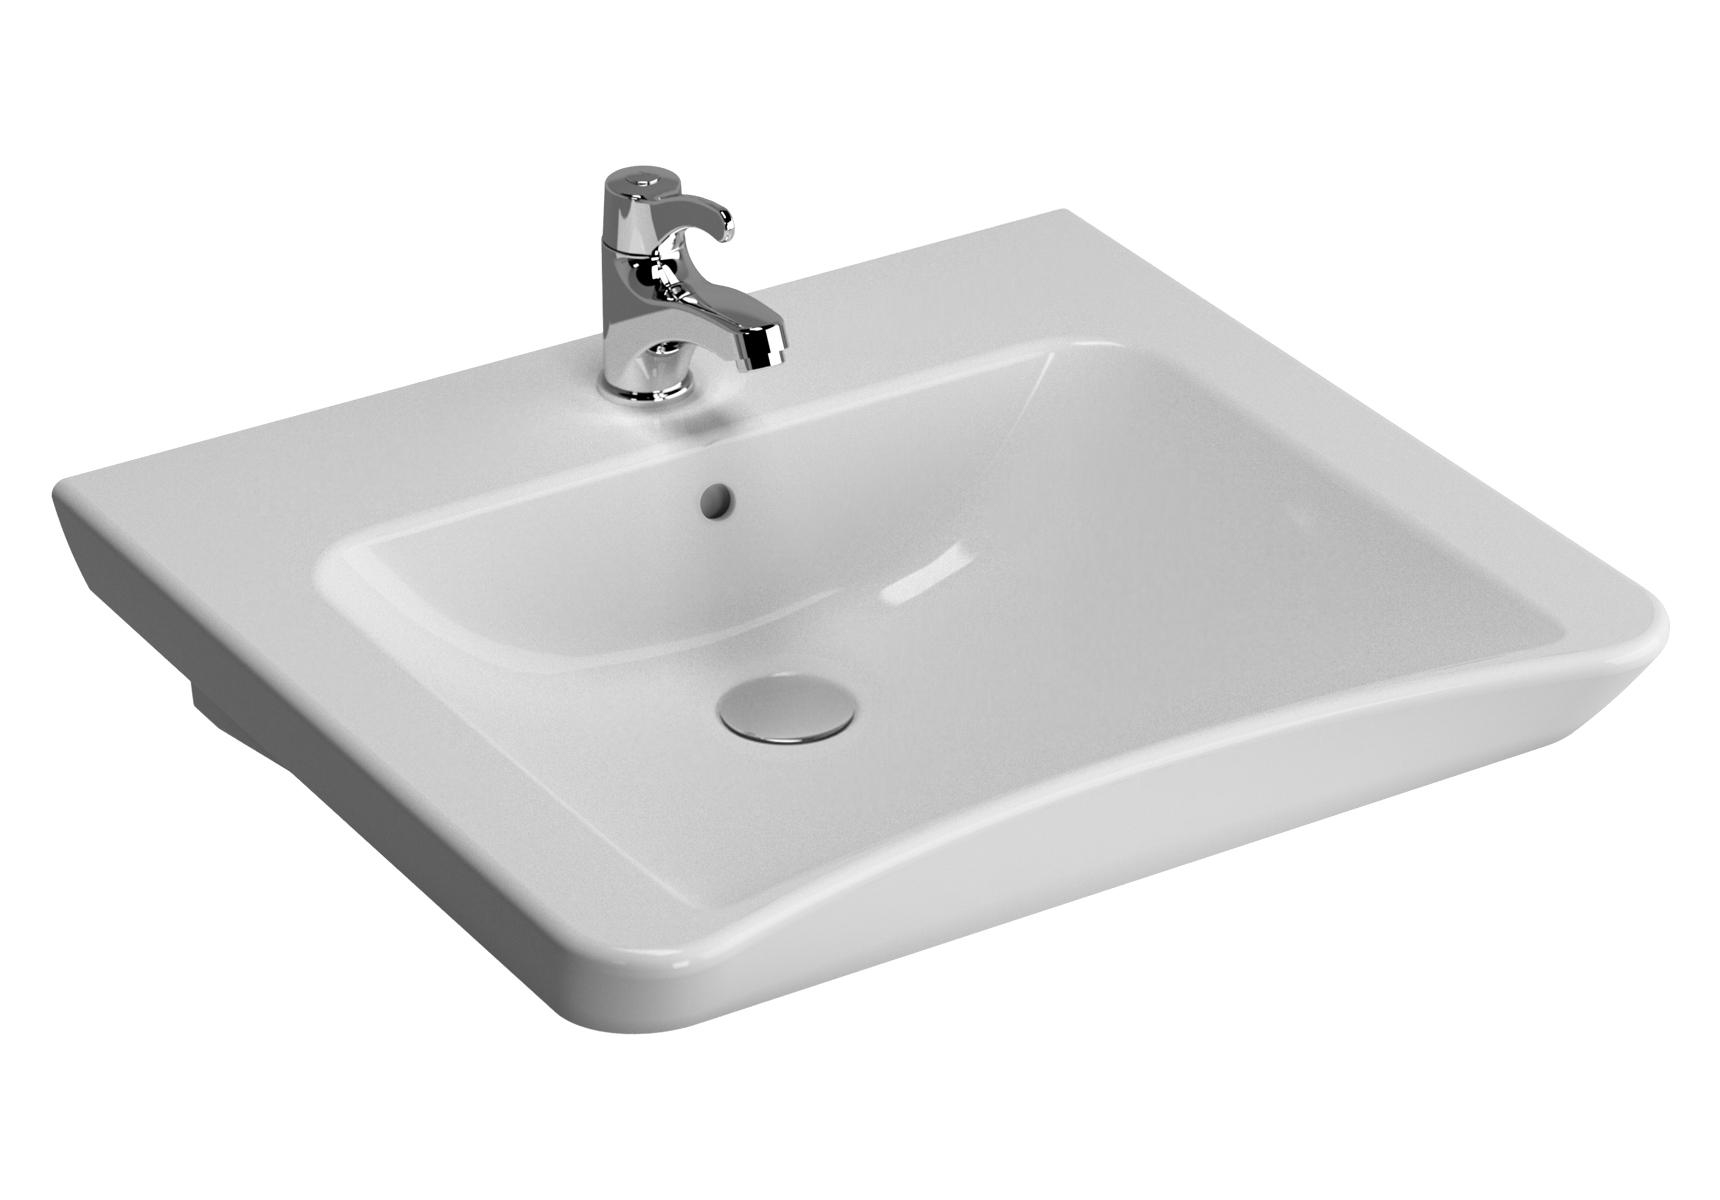 Conforma lavabo PMR, 60 cm, avec équerre de fixation, avec trou de robinet, sans trop-plein